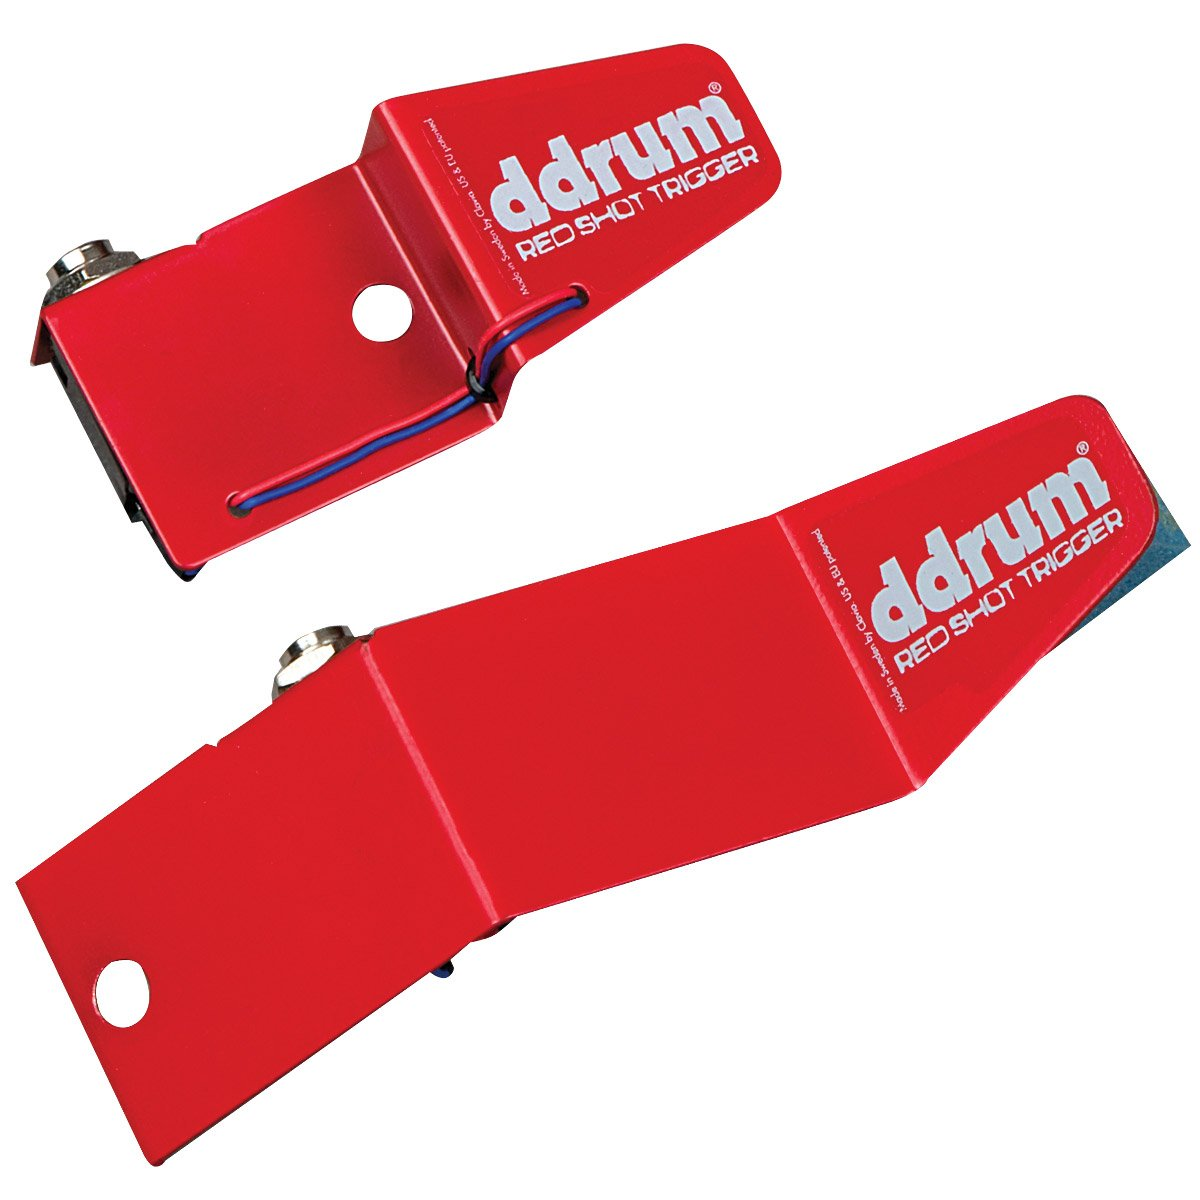 ddrum RS-KIT RedShot Trigger Kit RS-KIT